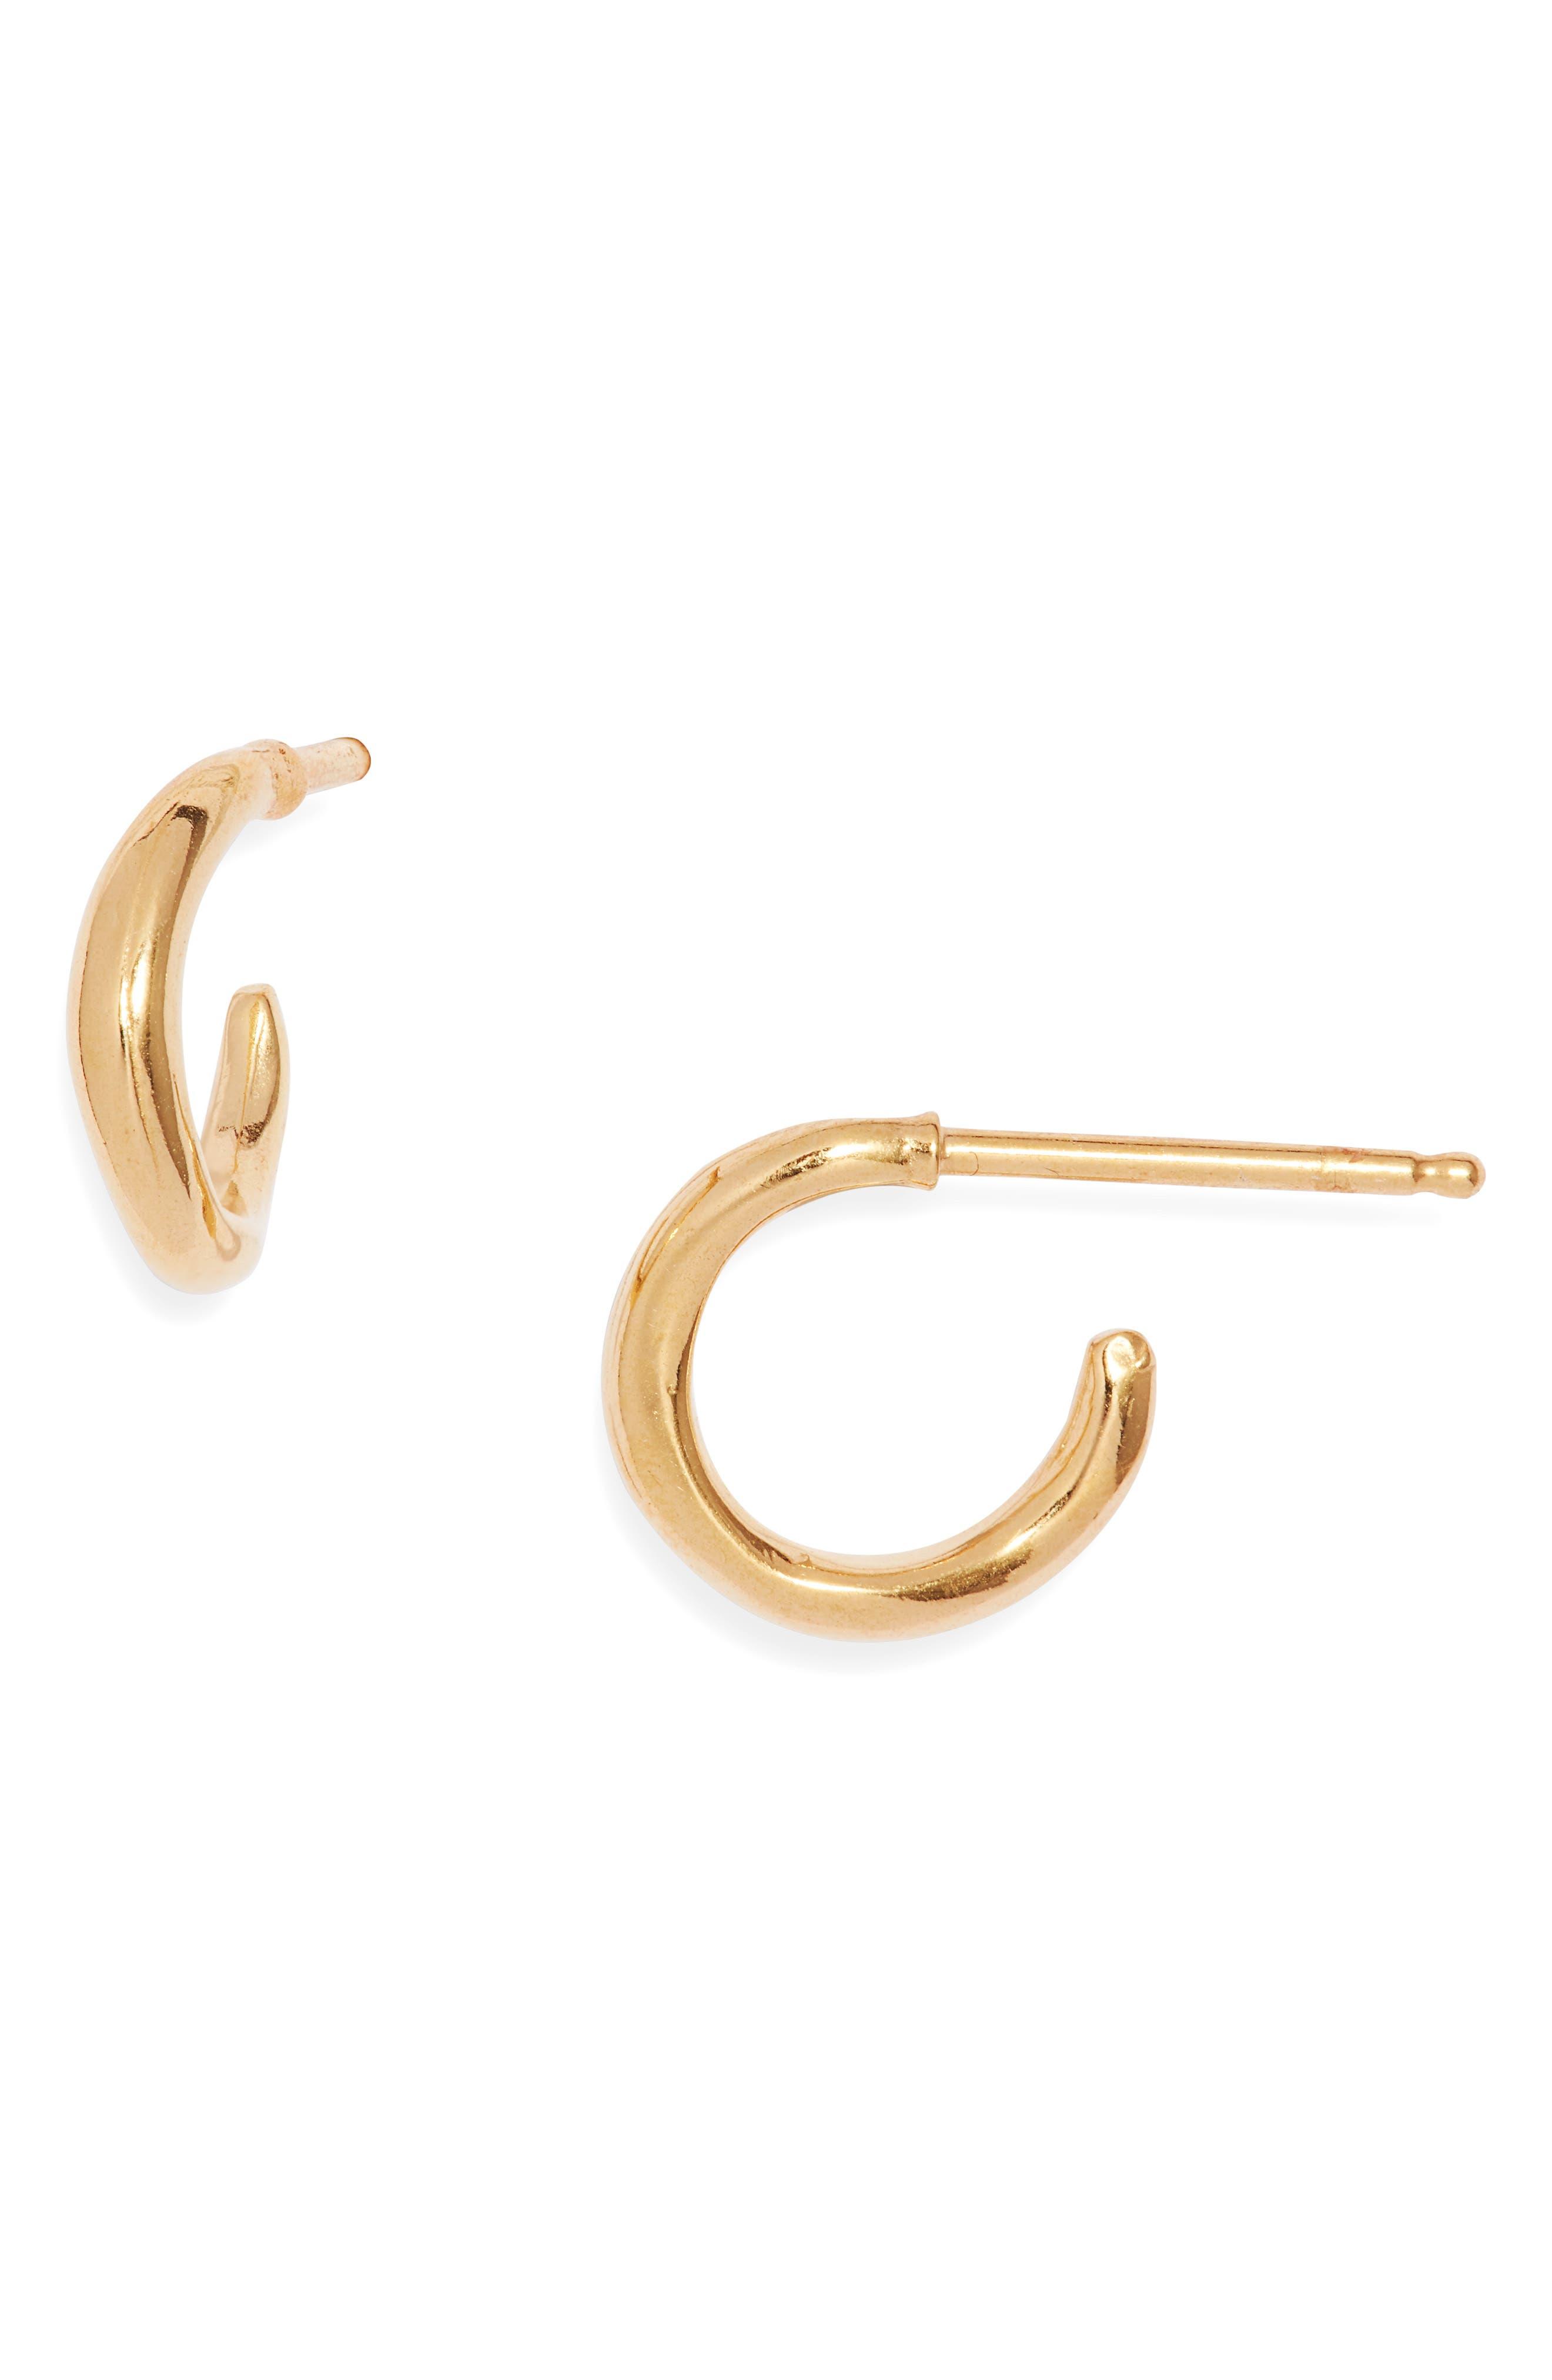 Vermeil Huggie Hoop Earrings